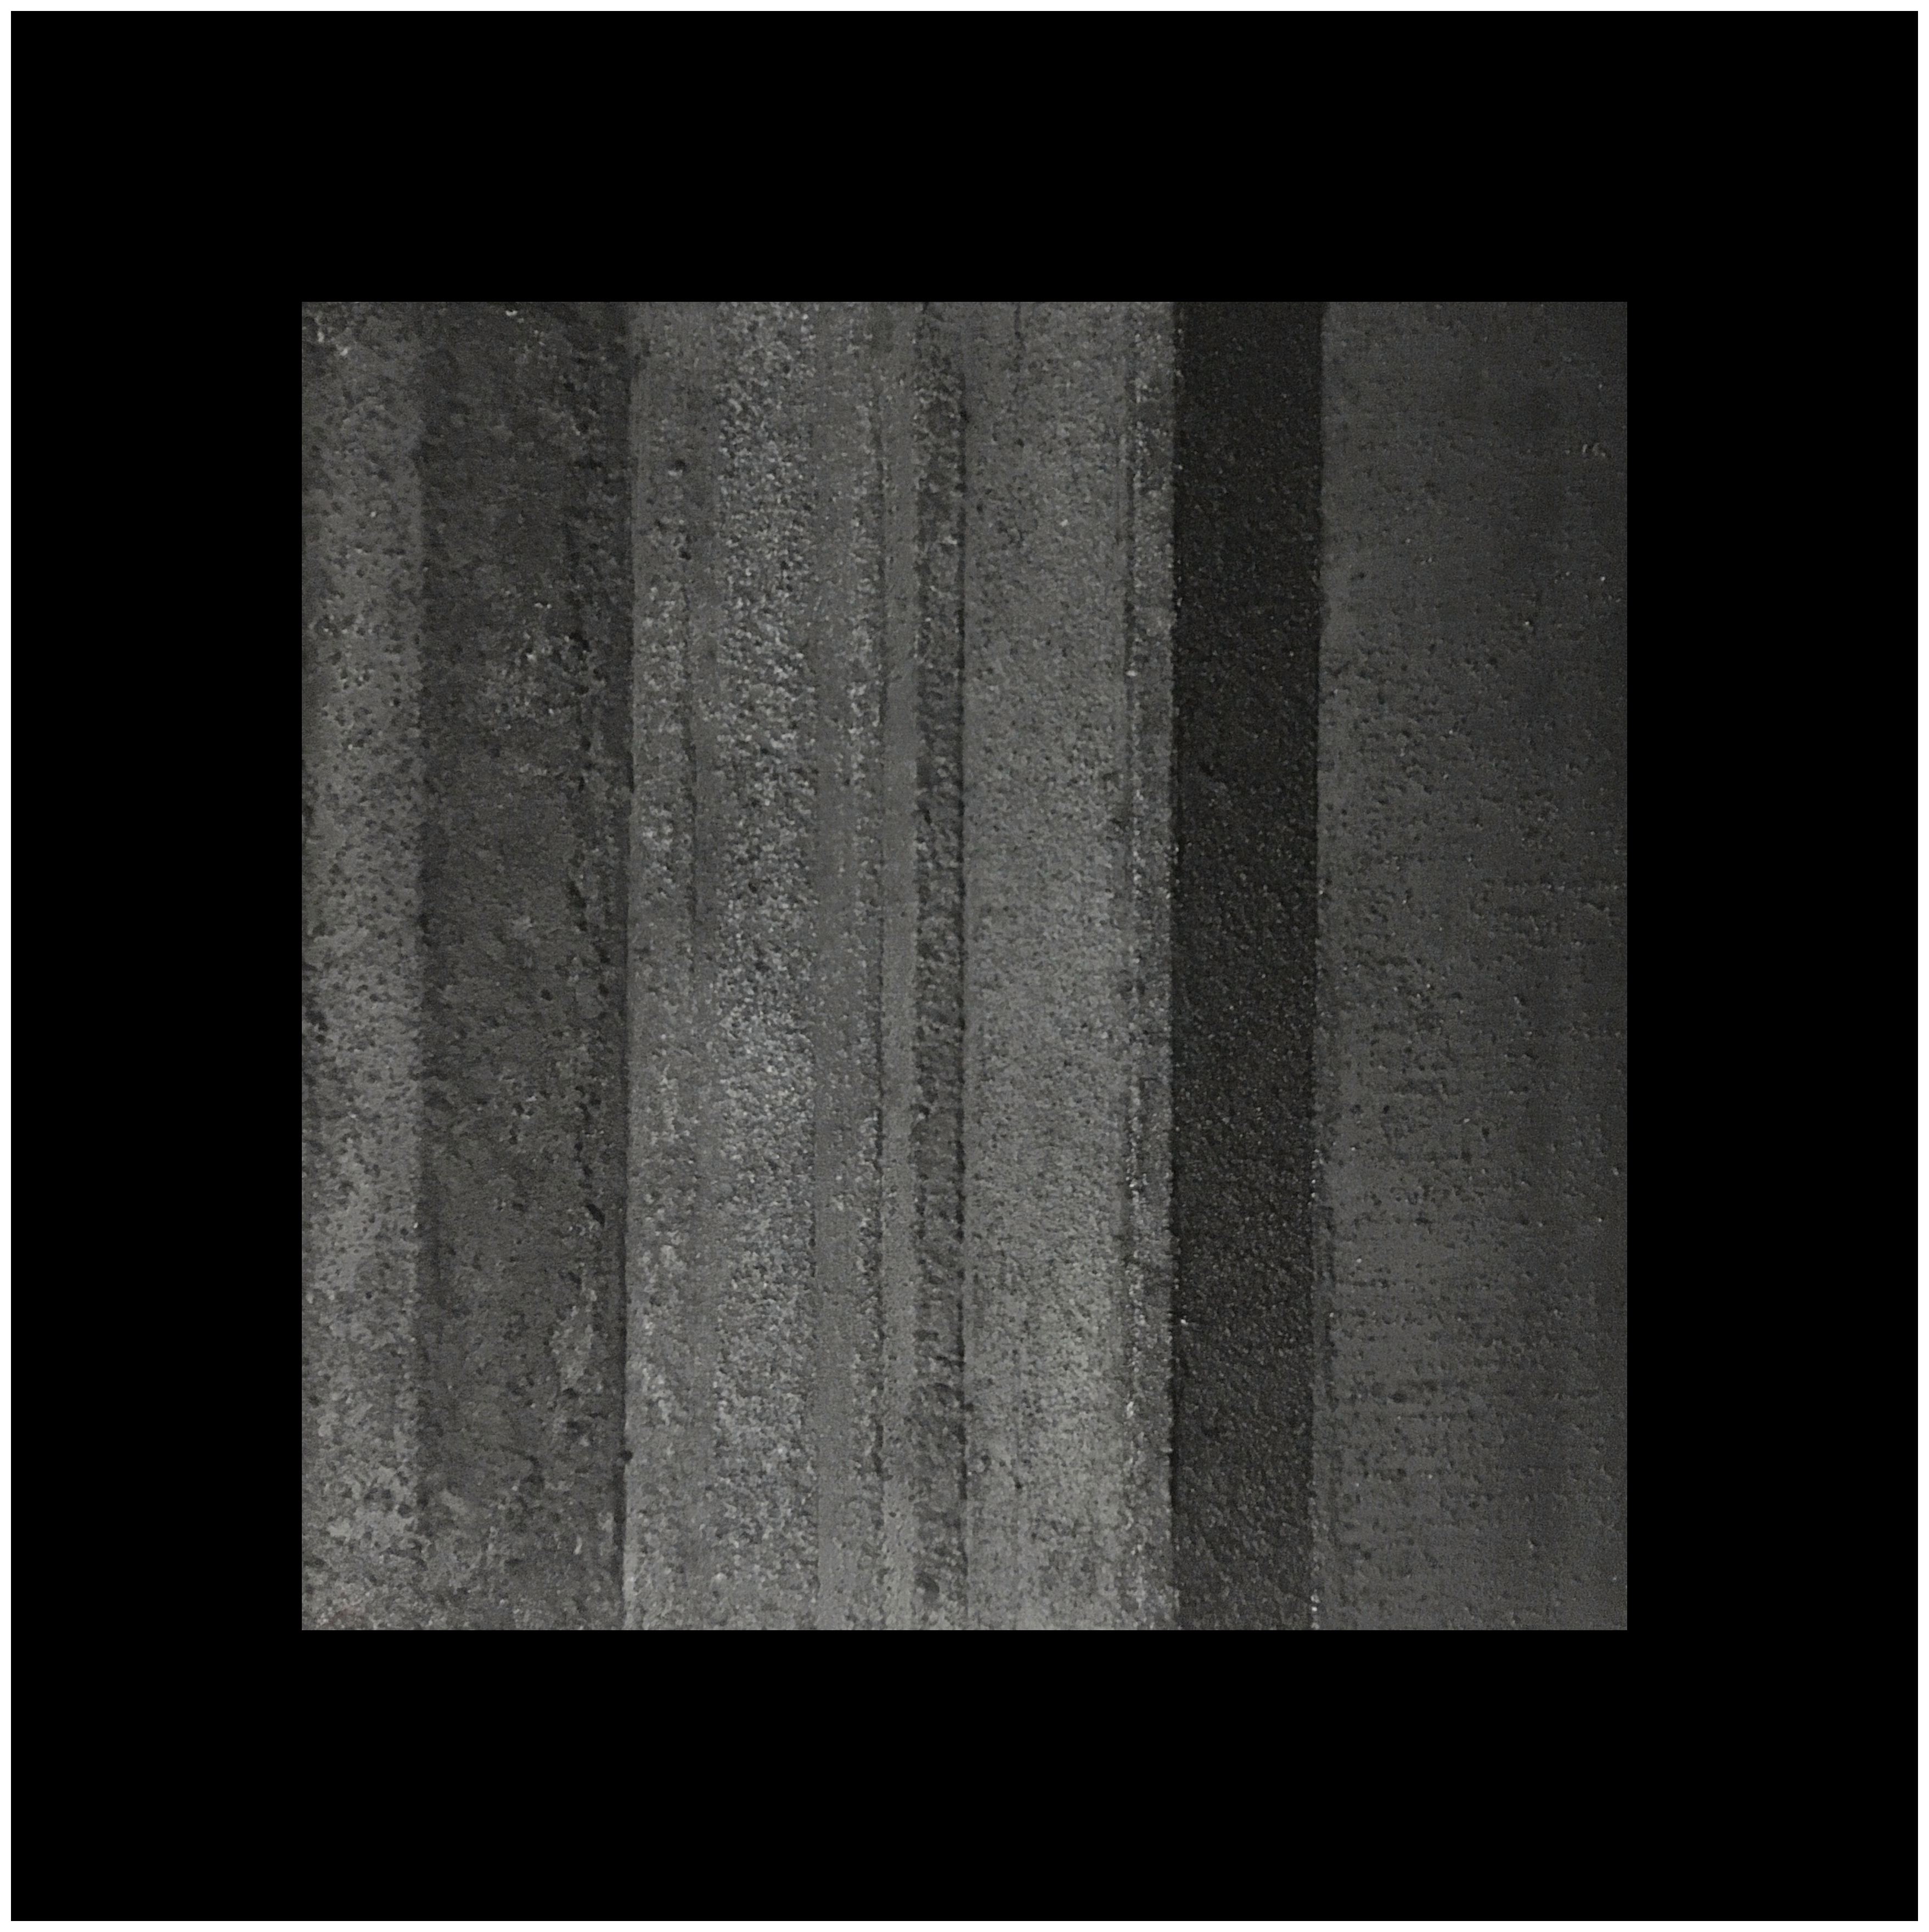 AGK042 - OBJET 1